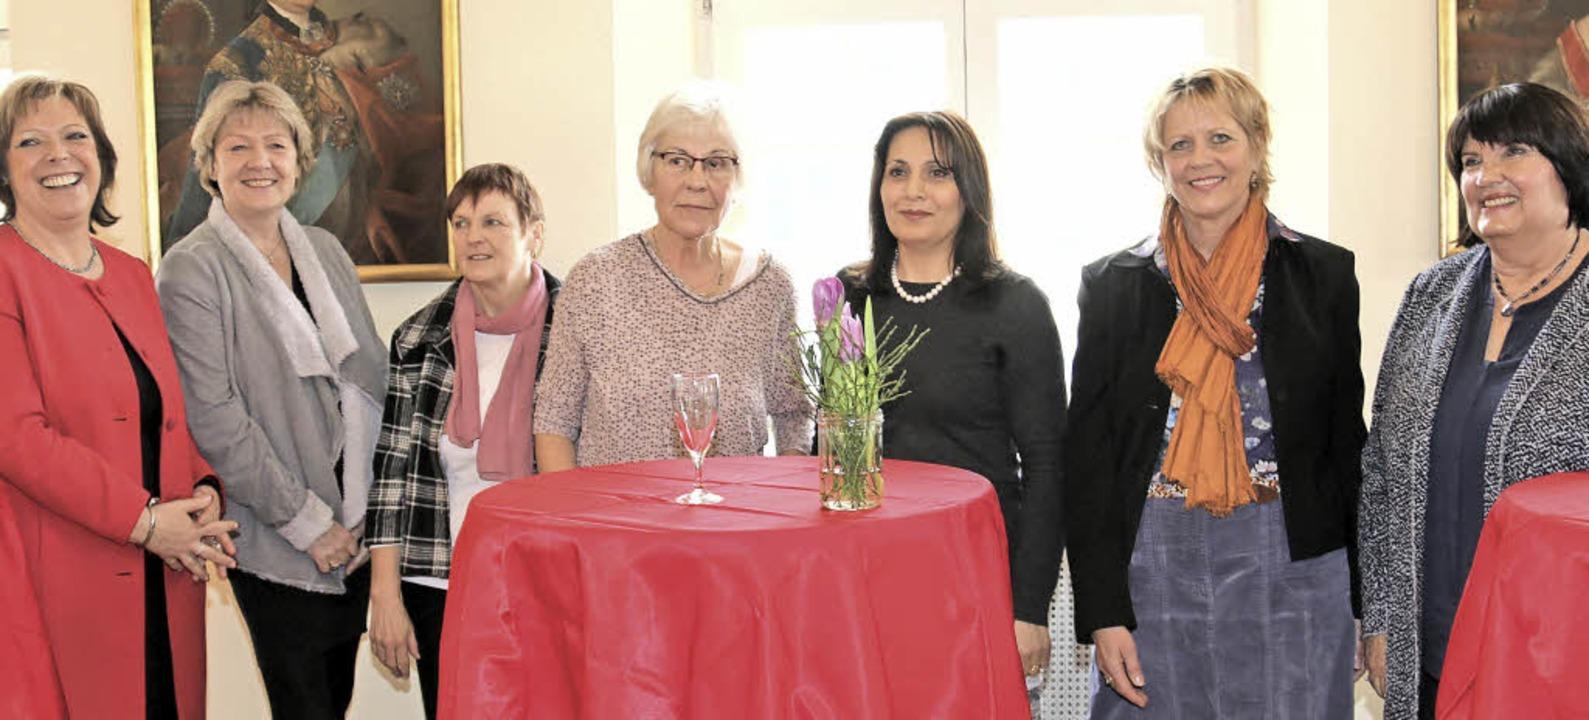 Sabine Wölfle (ganz links) und Mariann...esch (von links) nochmals ins Zentrum.  | Foto: Dagmar Barber